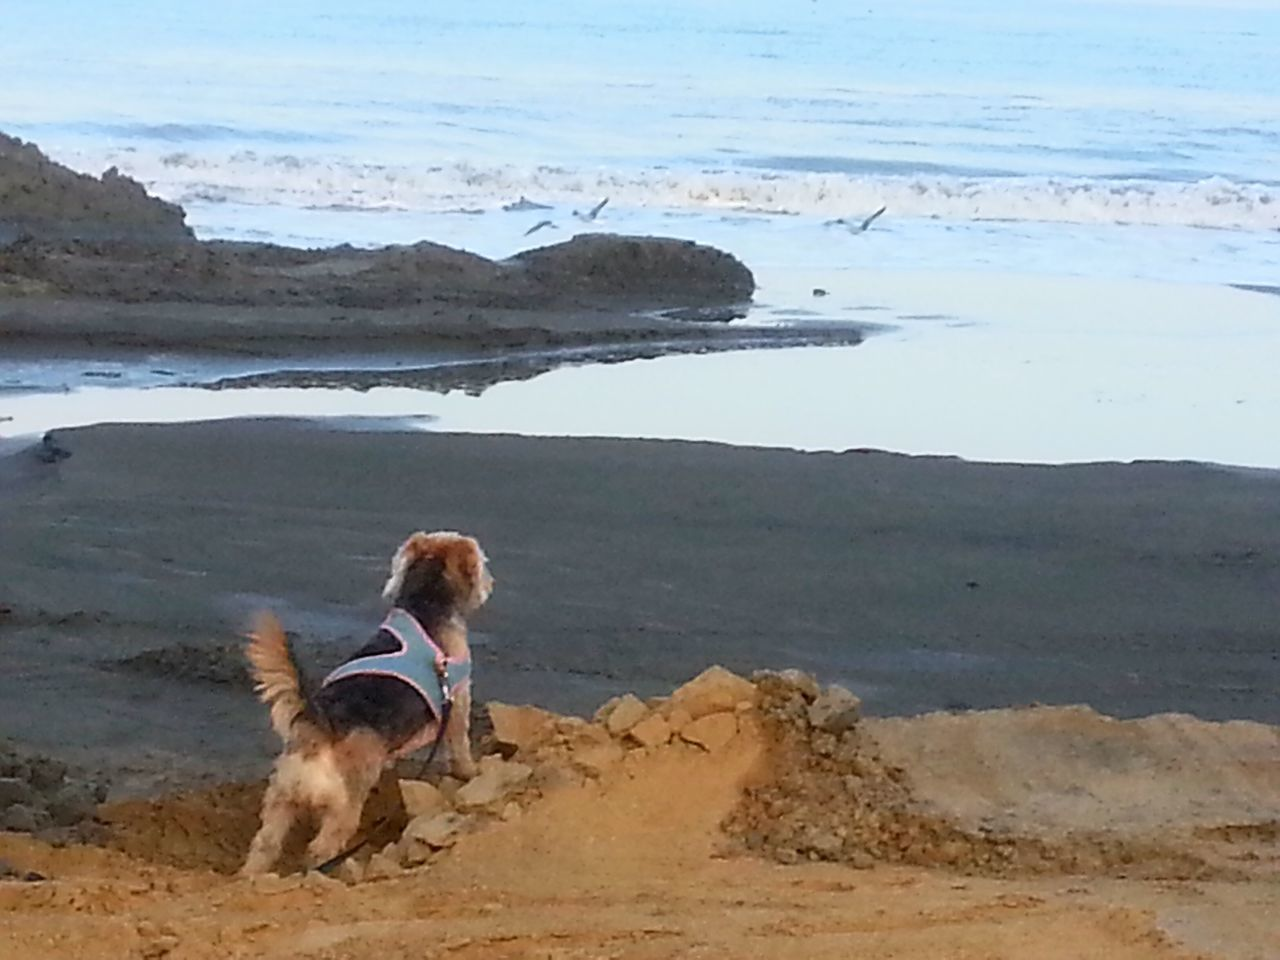 Enjoying Life Cartagena Se Transforma Anillo Vial De Crespo Capturing Movement Life Is A Beach Nina